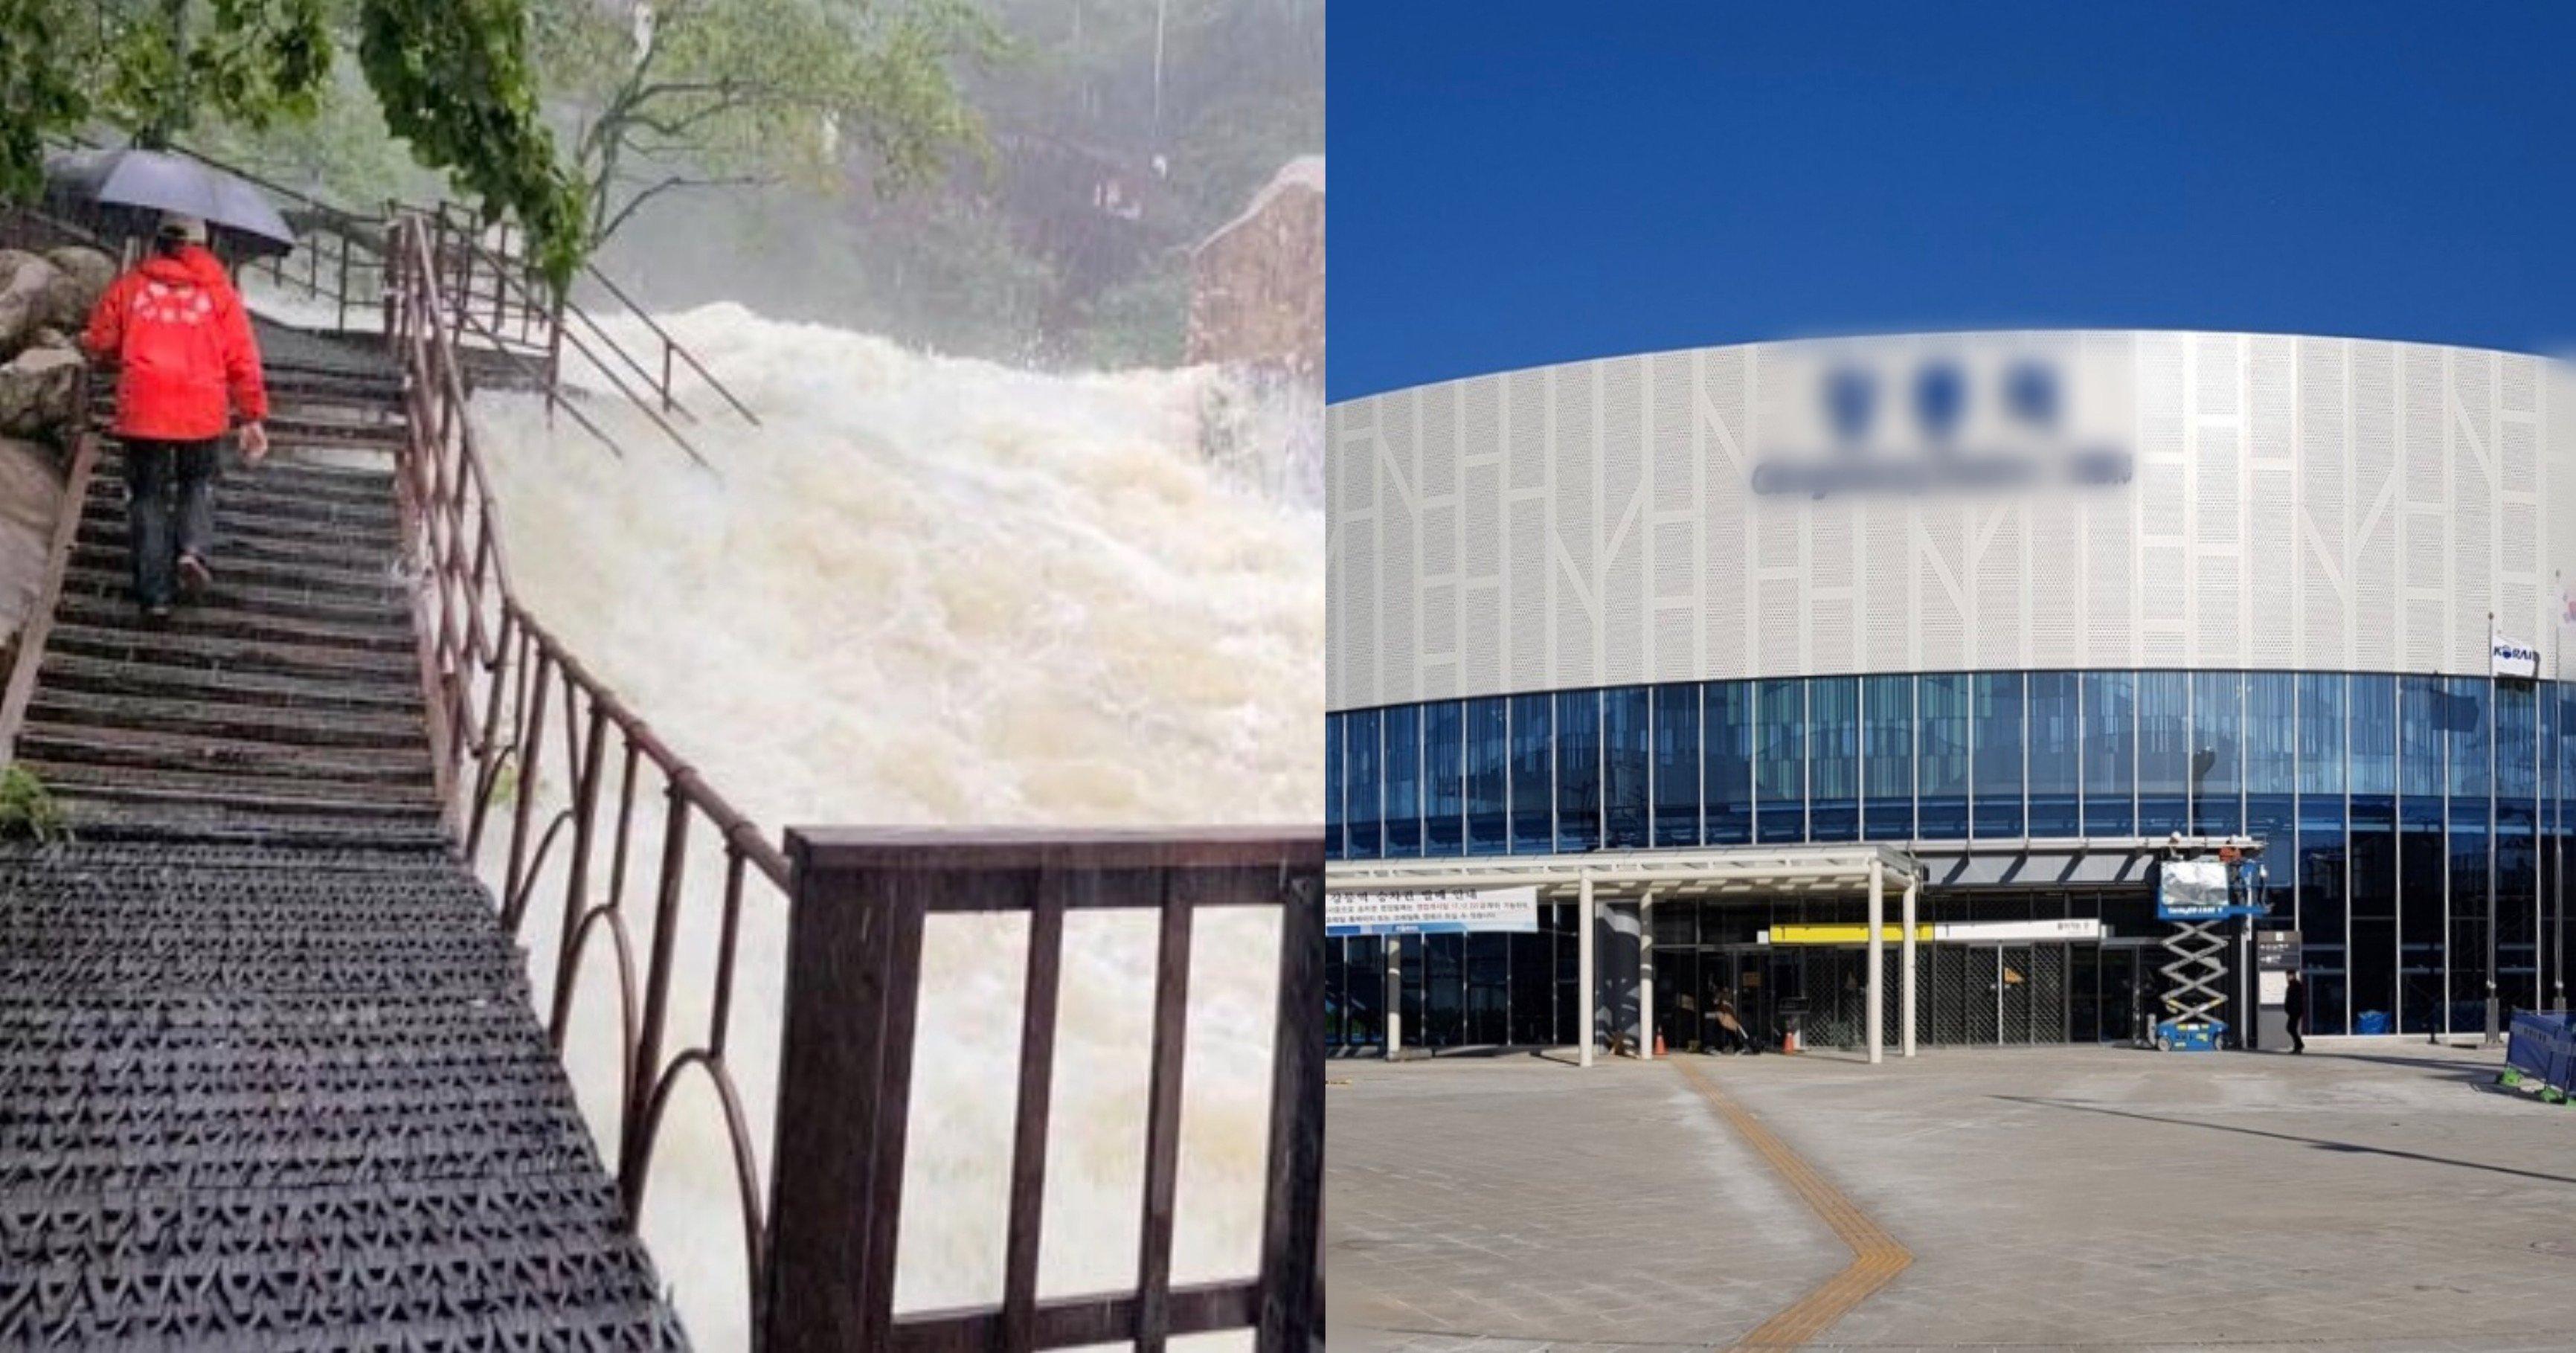 """55dffa88 549c 4ba8 9e65 fa5c2e139ebd.jpg?resize=1200,630 - """"나 여기 여행 준비중이었는데..?""""...부산 덮쳤던 역대급 폭우, 지금 '이 지역'으로 가고 있다"""